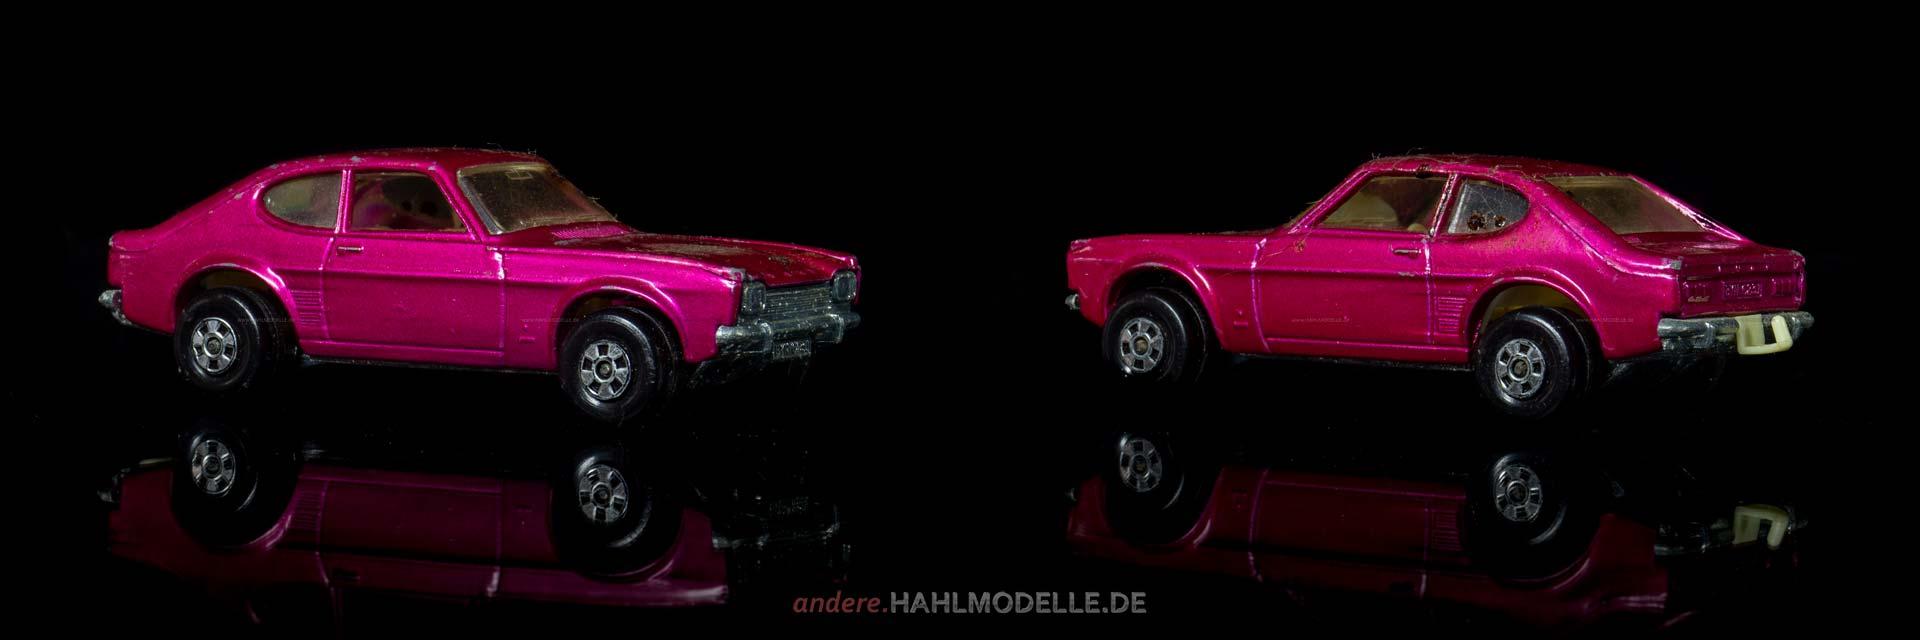 Ford Capri I (Capri *69) | Coupé | Lesney Products & Co. Ltd. | Matchbox | www.andere.hahlmodelle.de